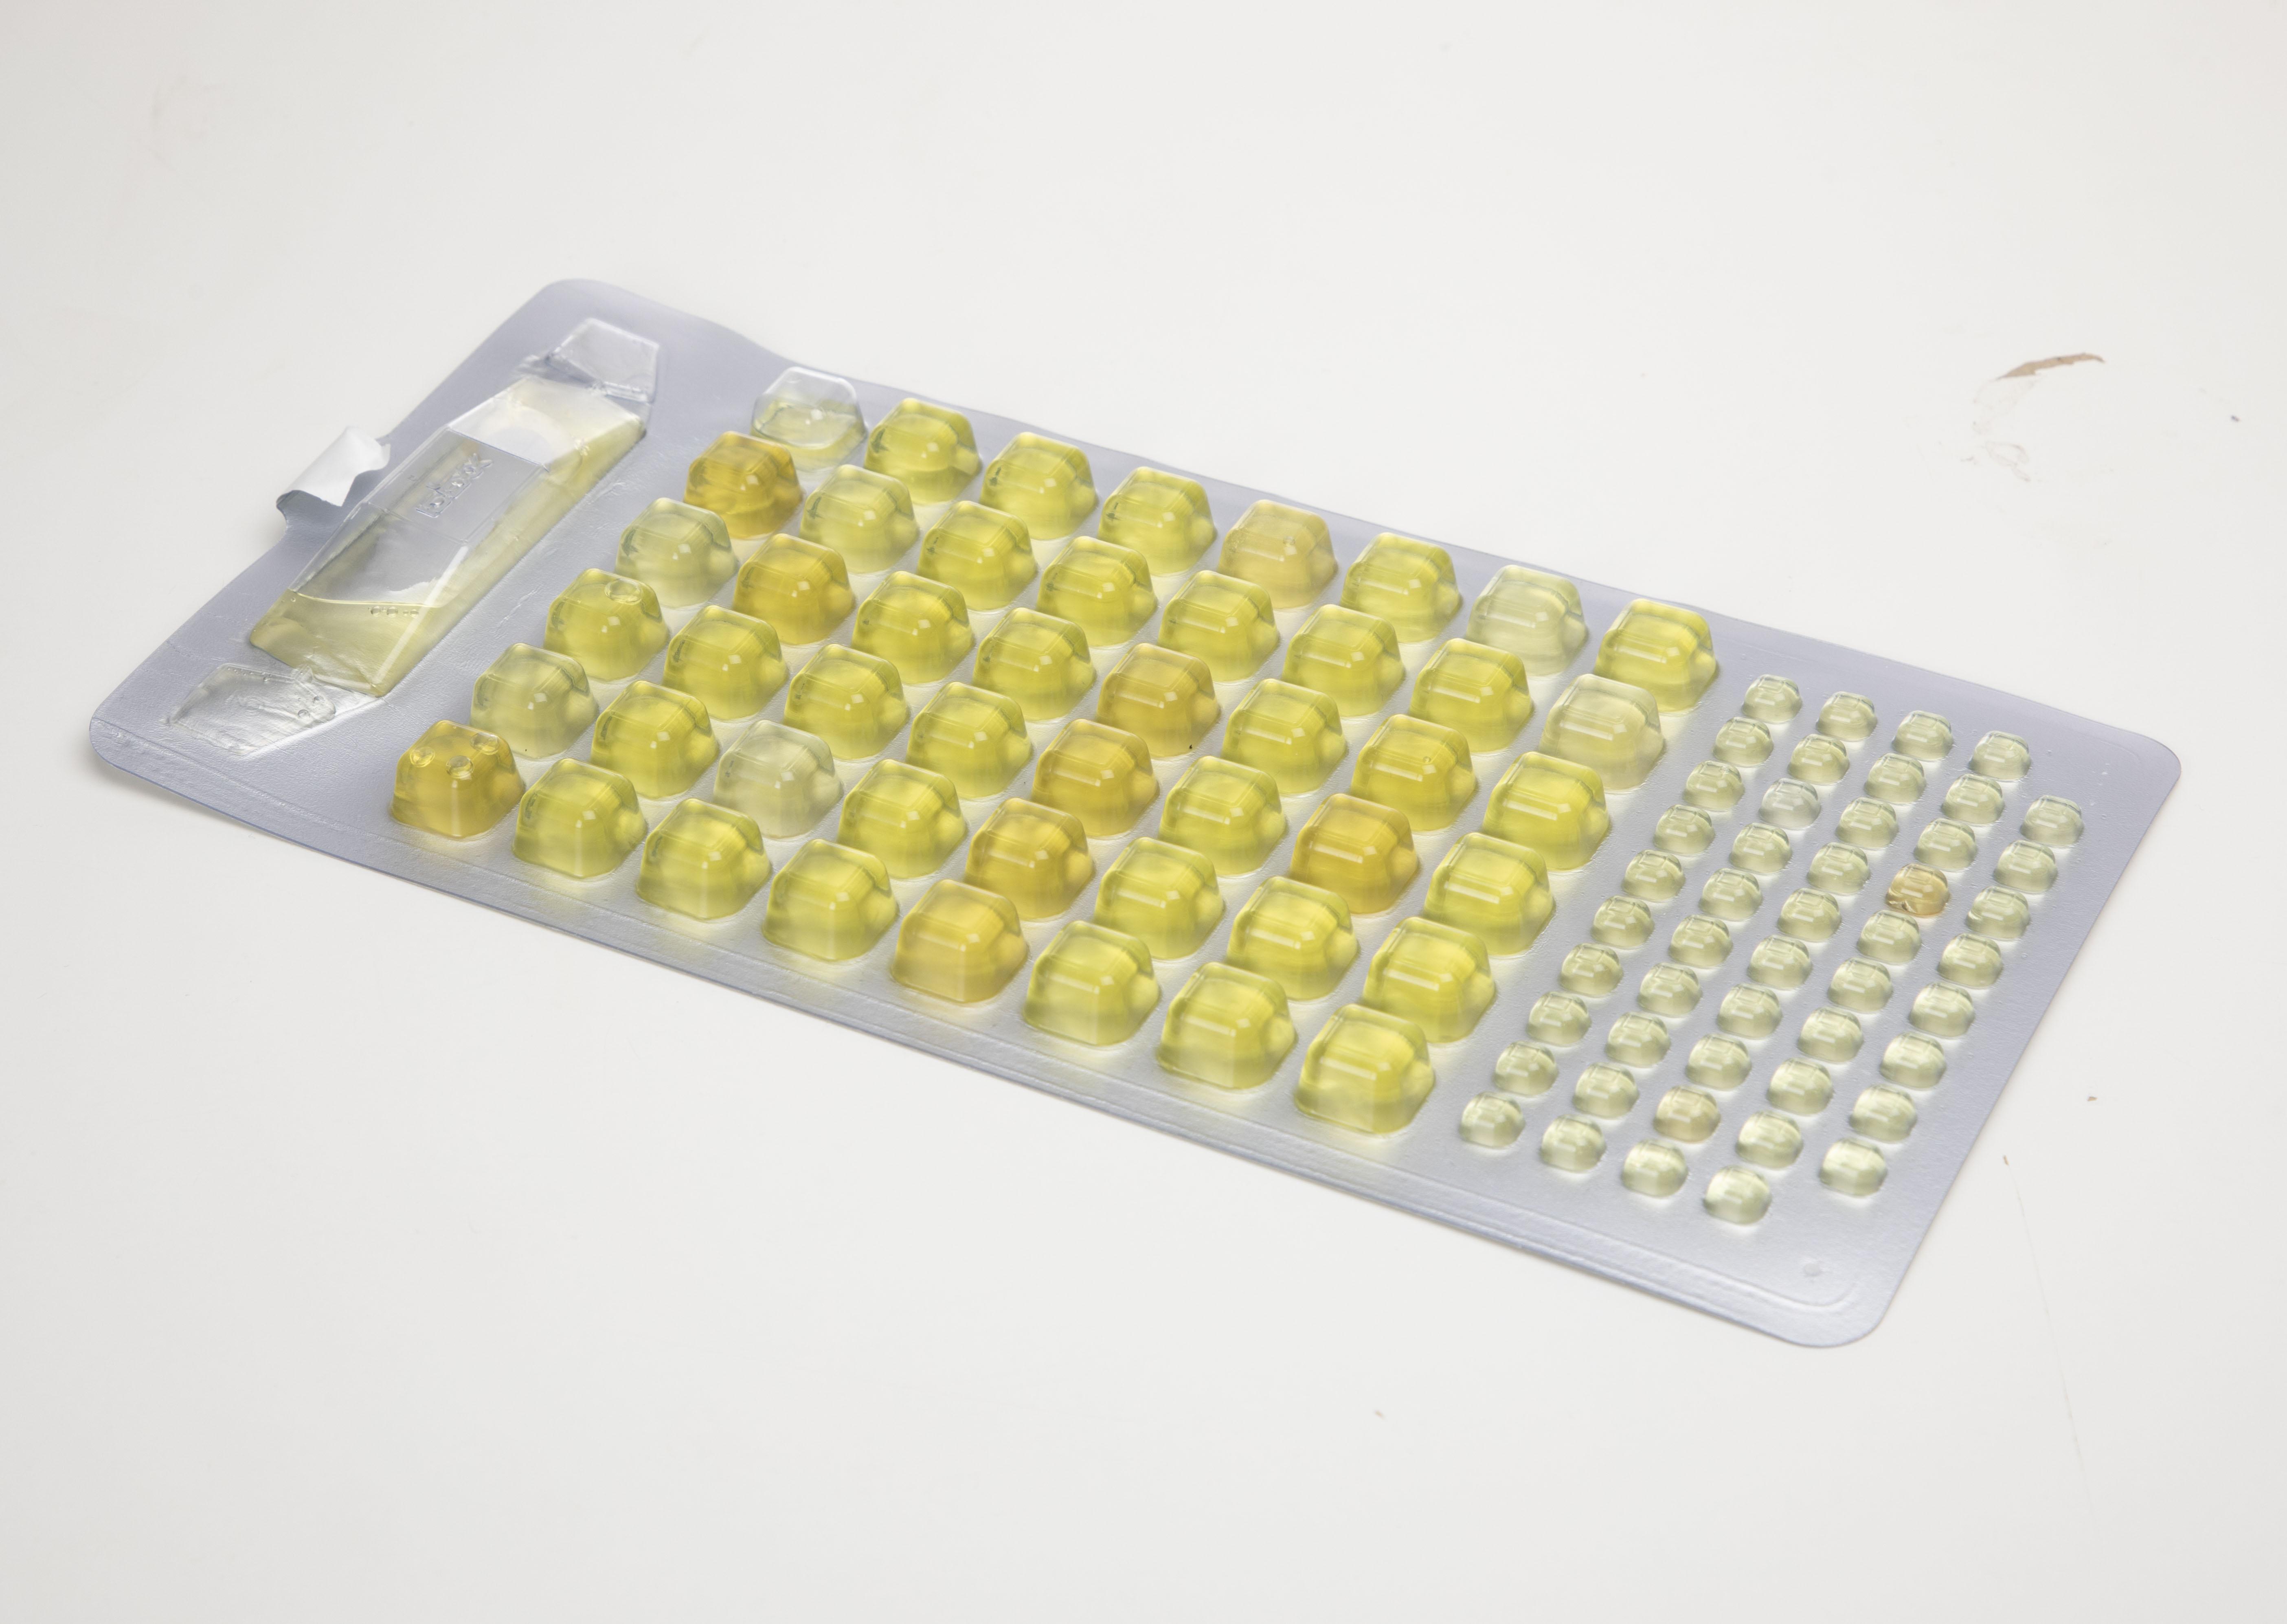 酶底物法检测系统_97孔无菌定量盘_厂商